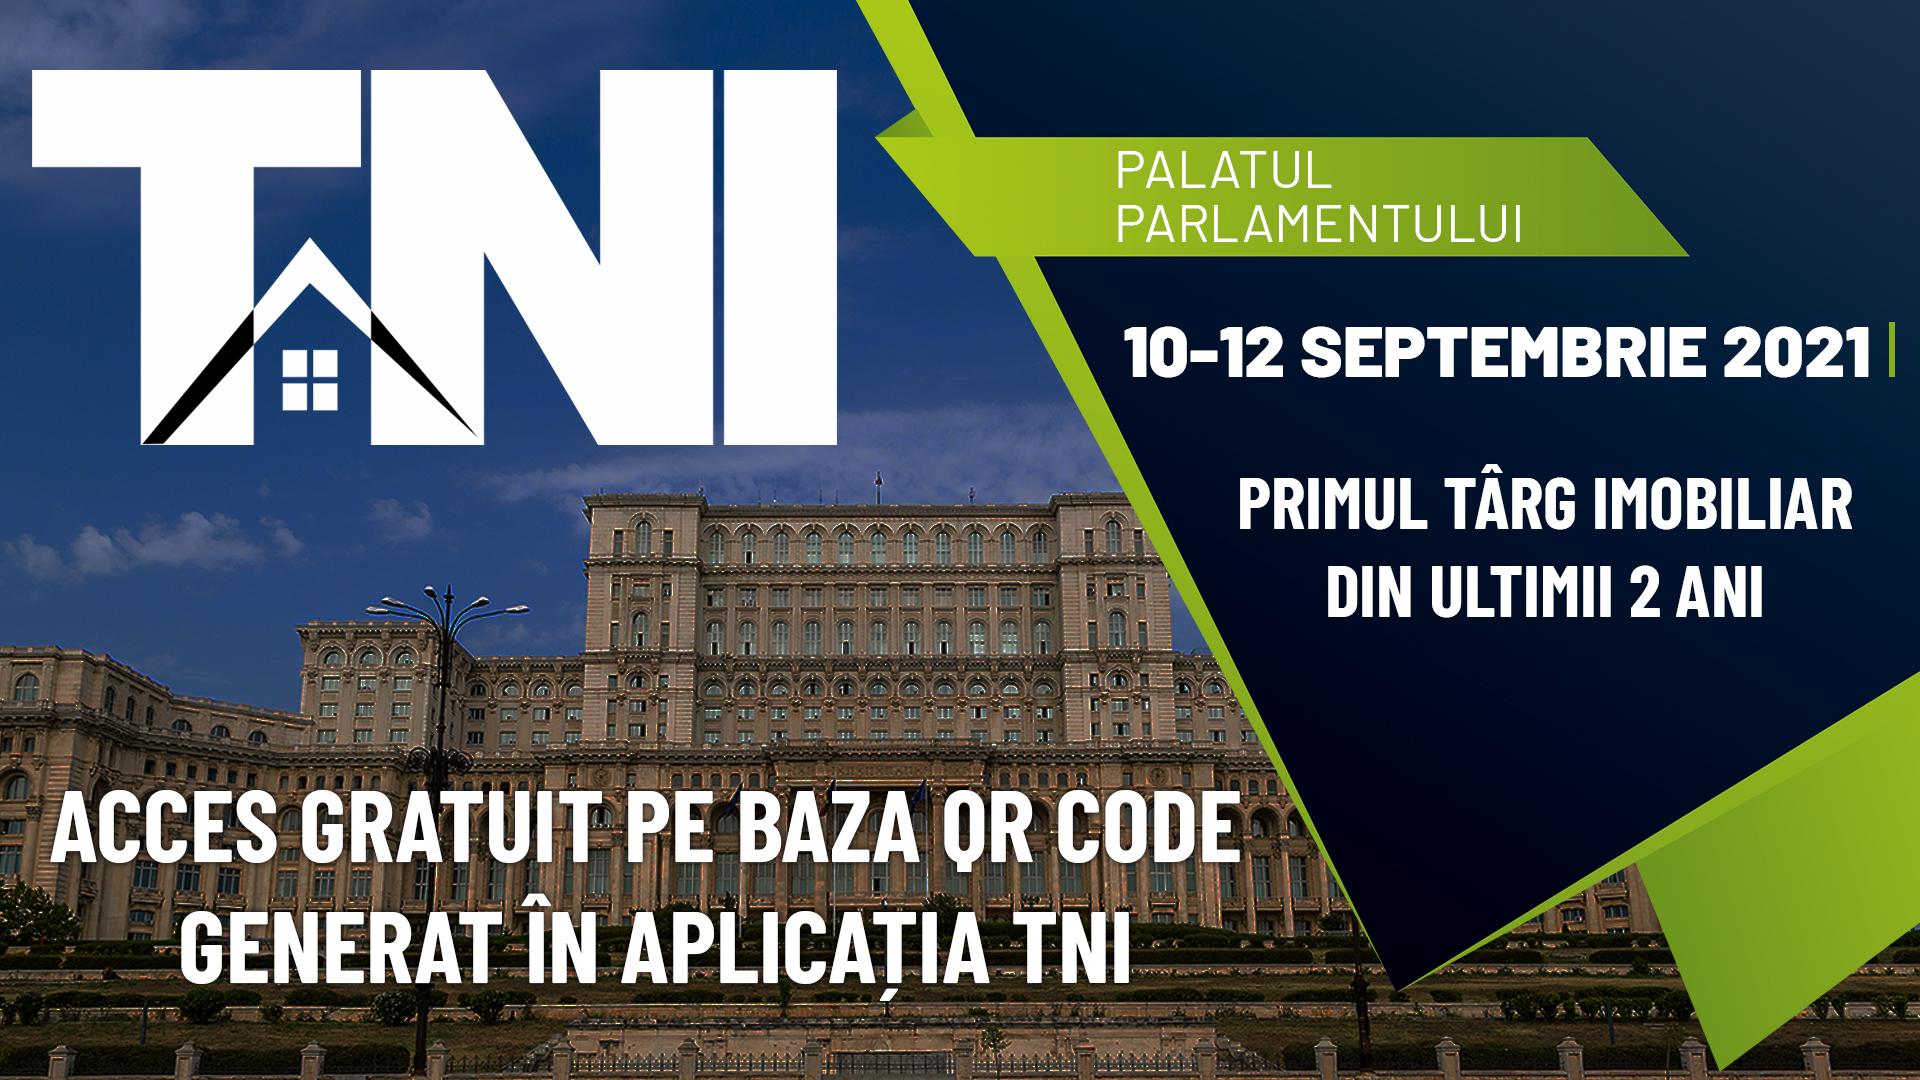 Începe primul târg imobiliar din ultimii 2 ani!  Târgul Național Imobiliar TNI  10-12 septembrie 2021  Palatul Parlamentului, Sala Unirii